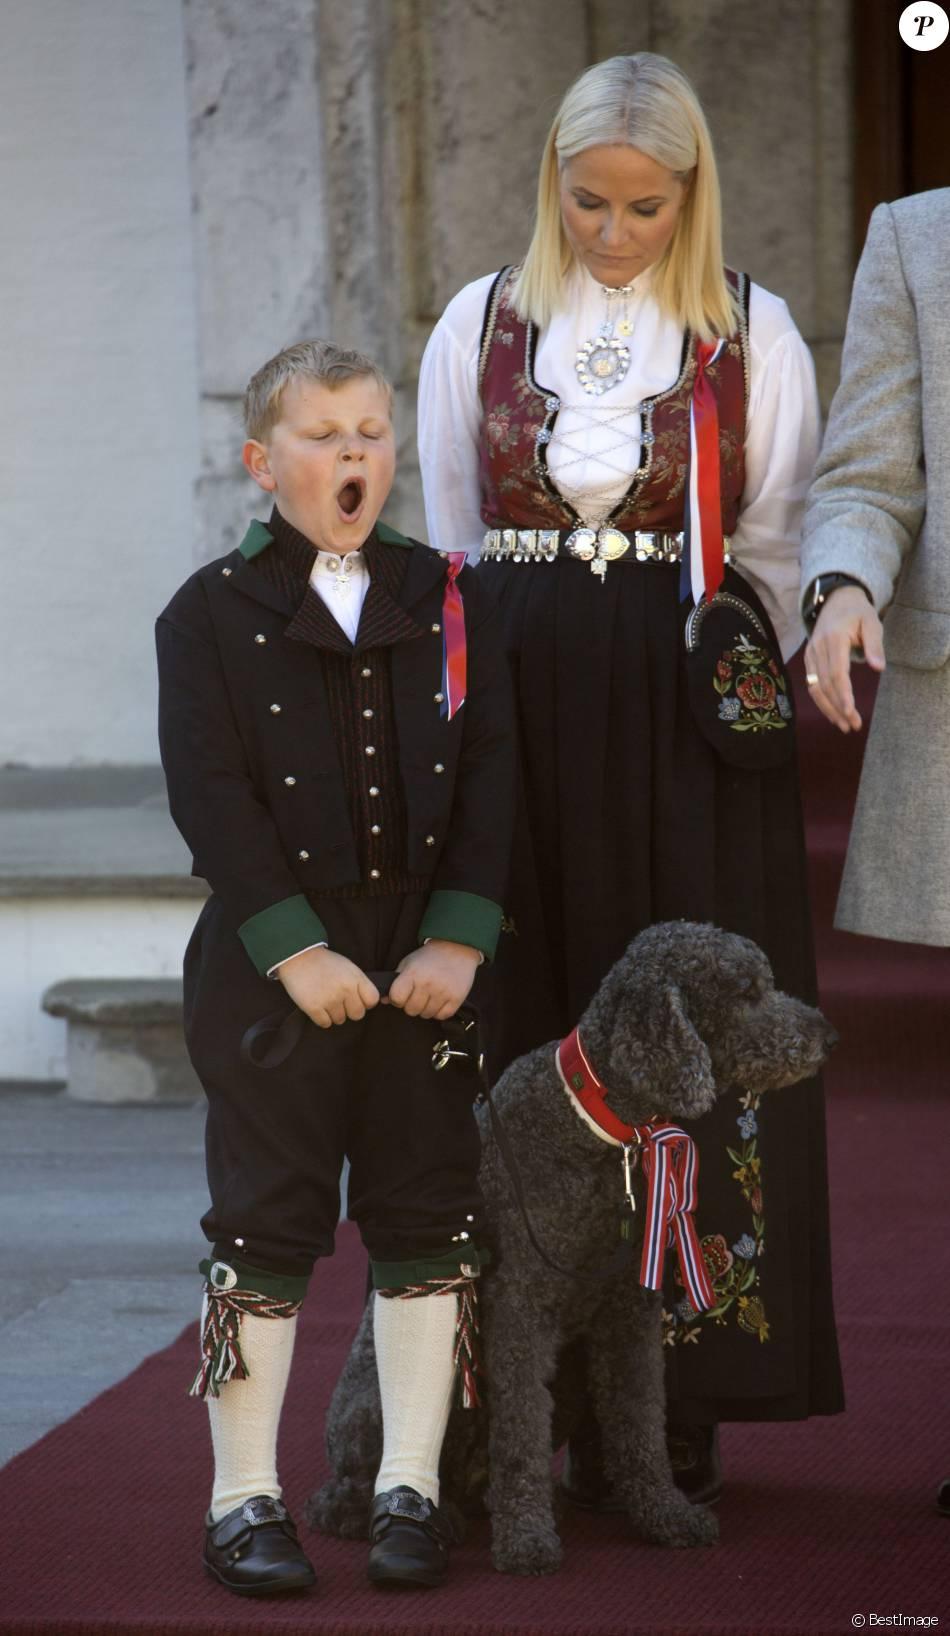 8h15, un peu tôt pour le prince Sverre Magnus, en ce jour de Fête nationale ! Le prince Haakon et la princesse Mette-Marit de Norvège et leurs enfants la princesse Ingrid Alexandra et le prince Sverre Magnus ont célébré dans la plus pure tradition la Fête Nationale norvégienne en se postant sur le perron de leur résidence, Skaugum, à Oslo, le 17 mai 2016, pour assister au défilé des écoliers.